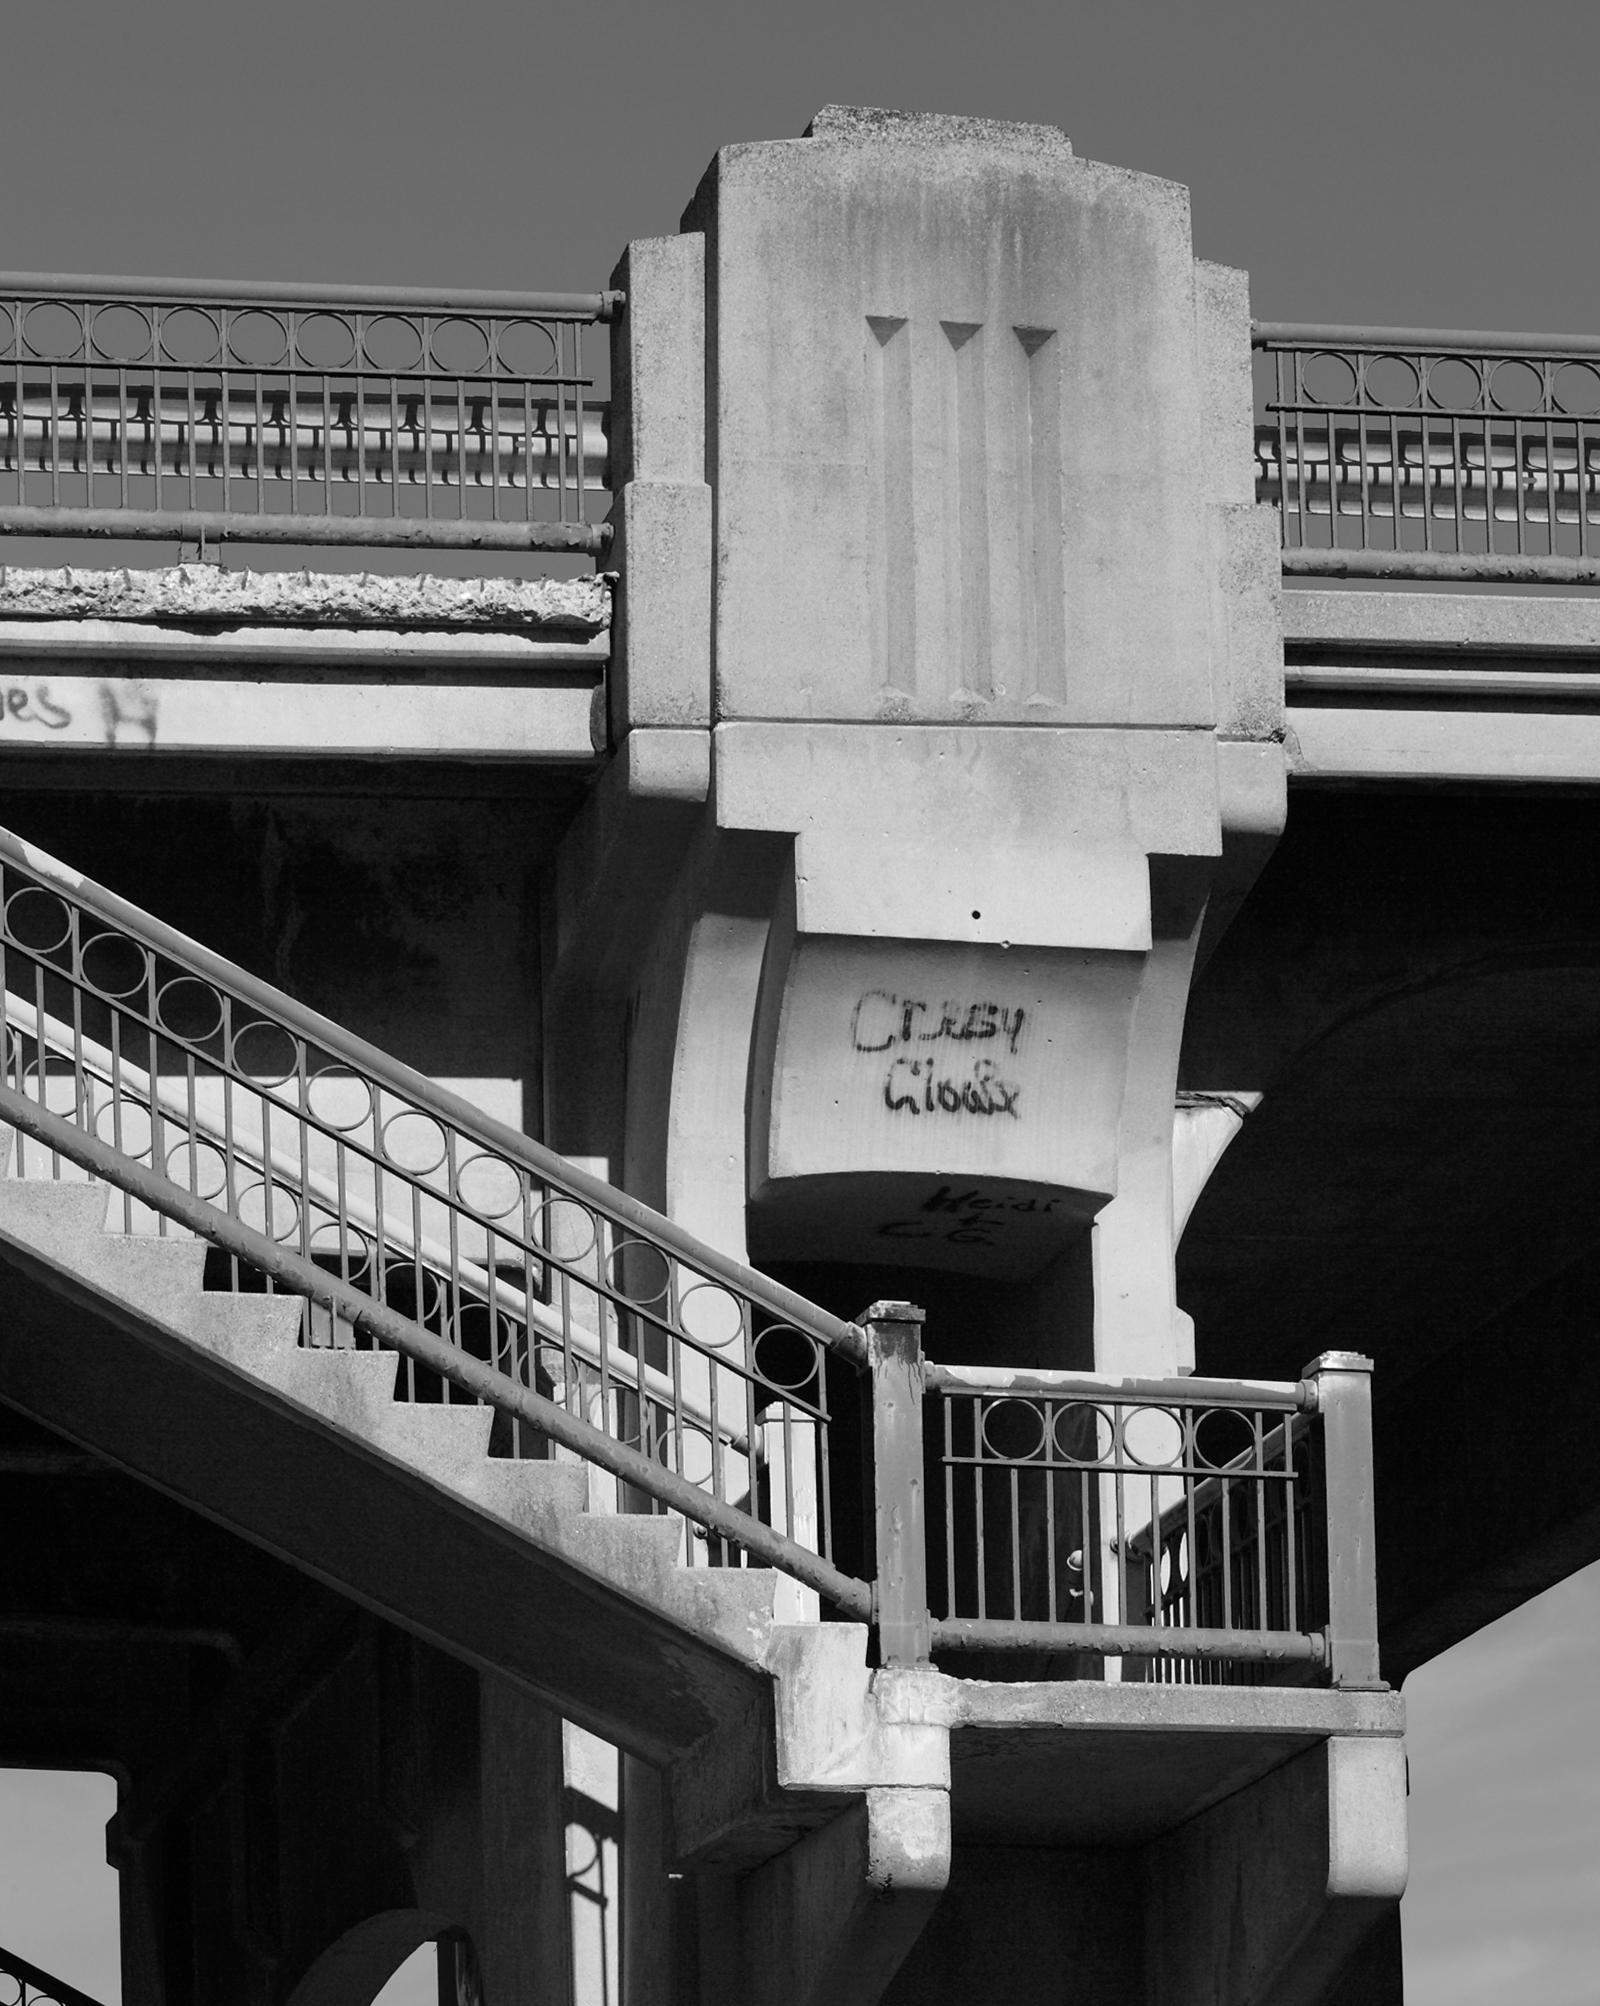 Bridge 5370 Pedestrian Stairway